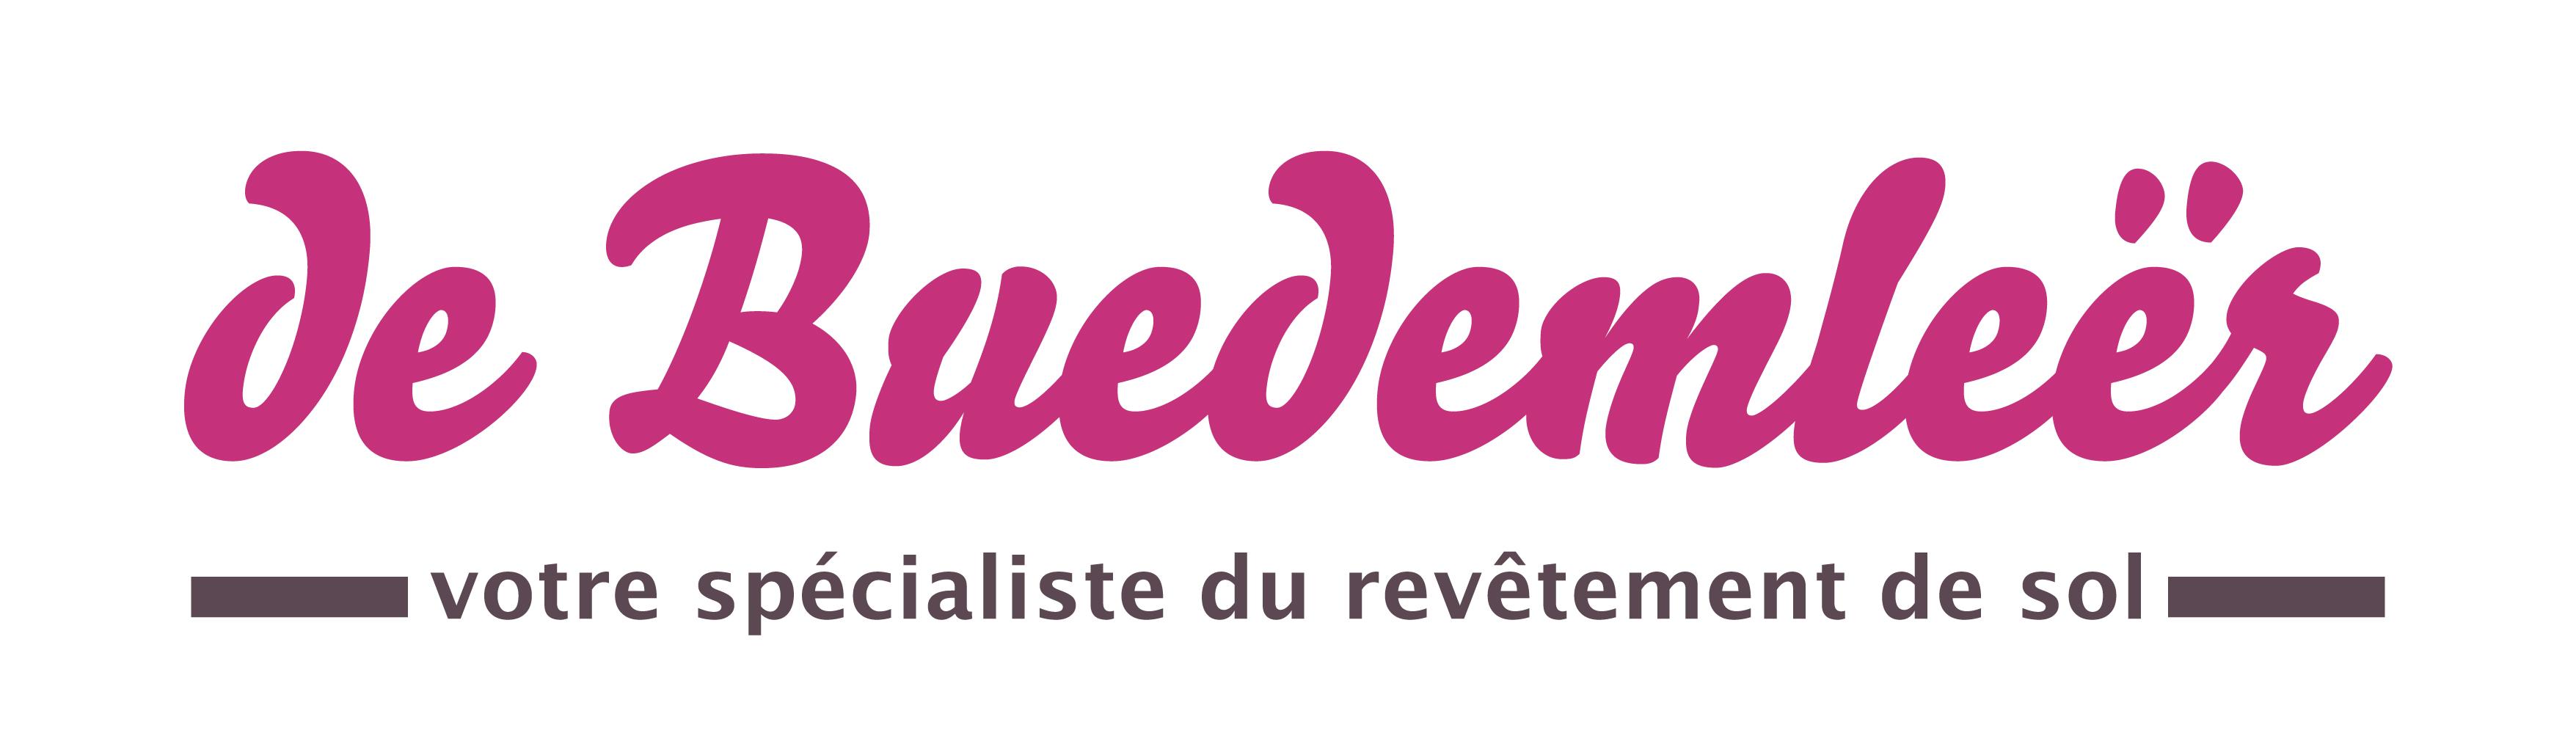 BUE_logo_RGB_FR